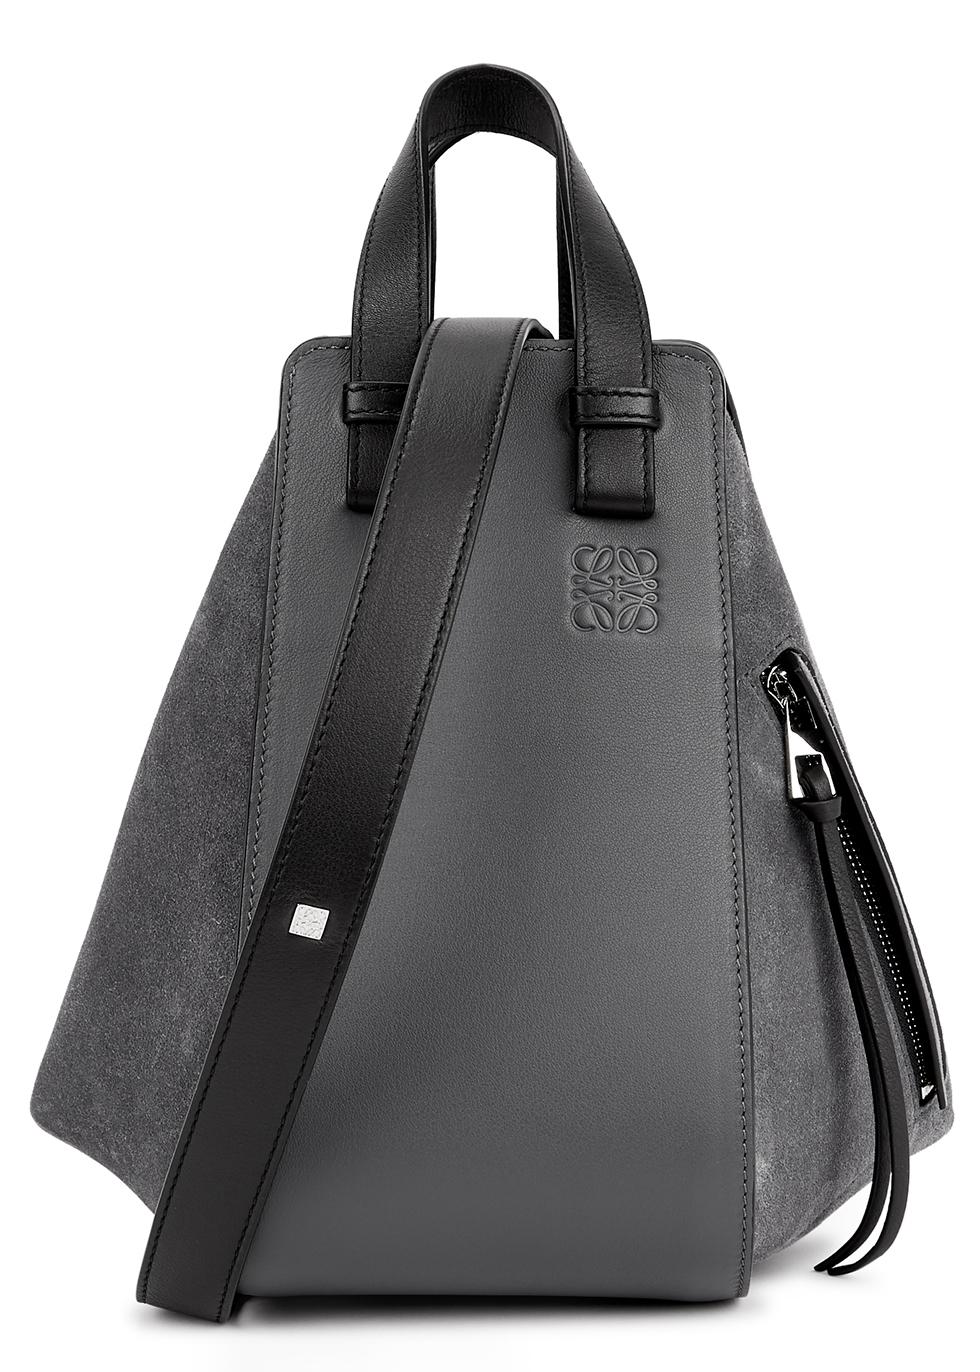 Hammock small panelled suede shoulder bag